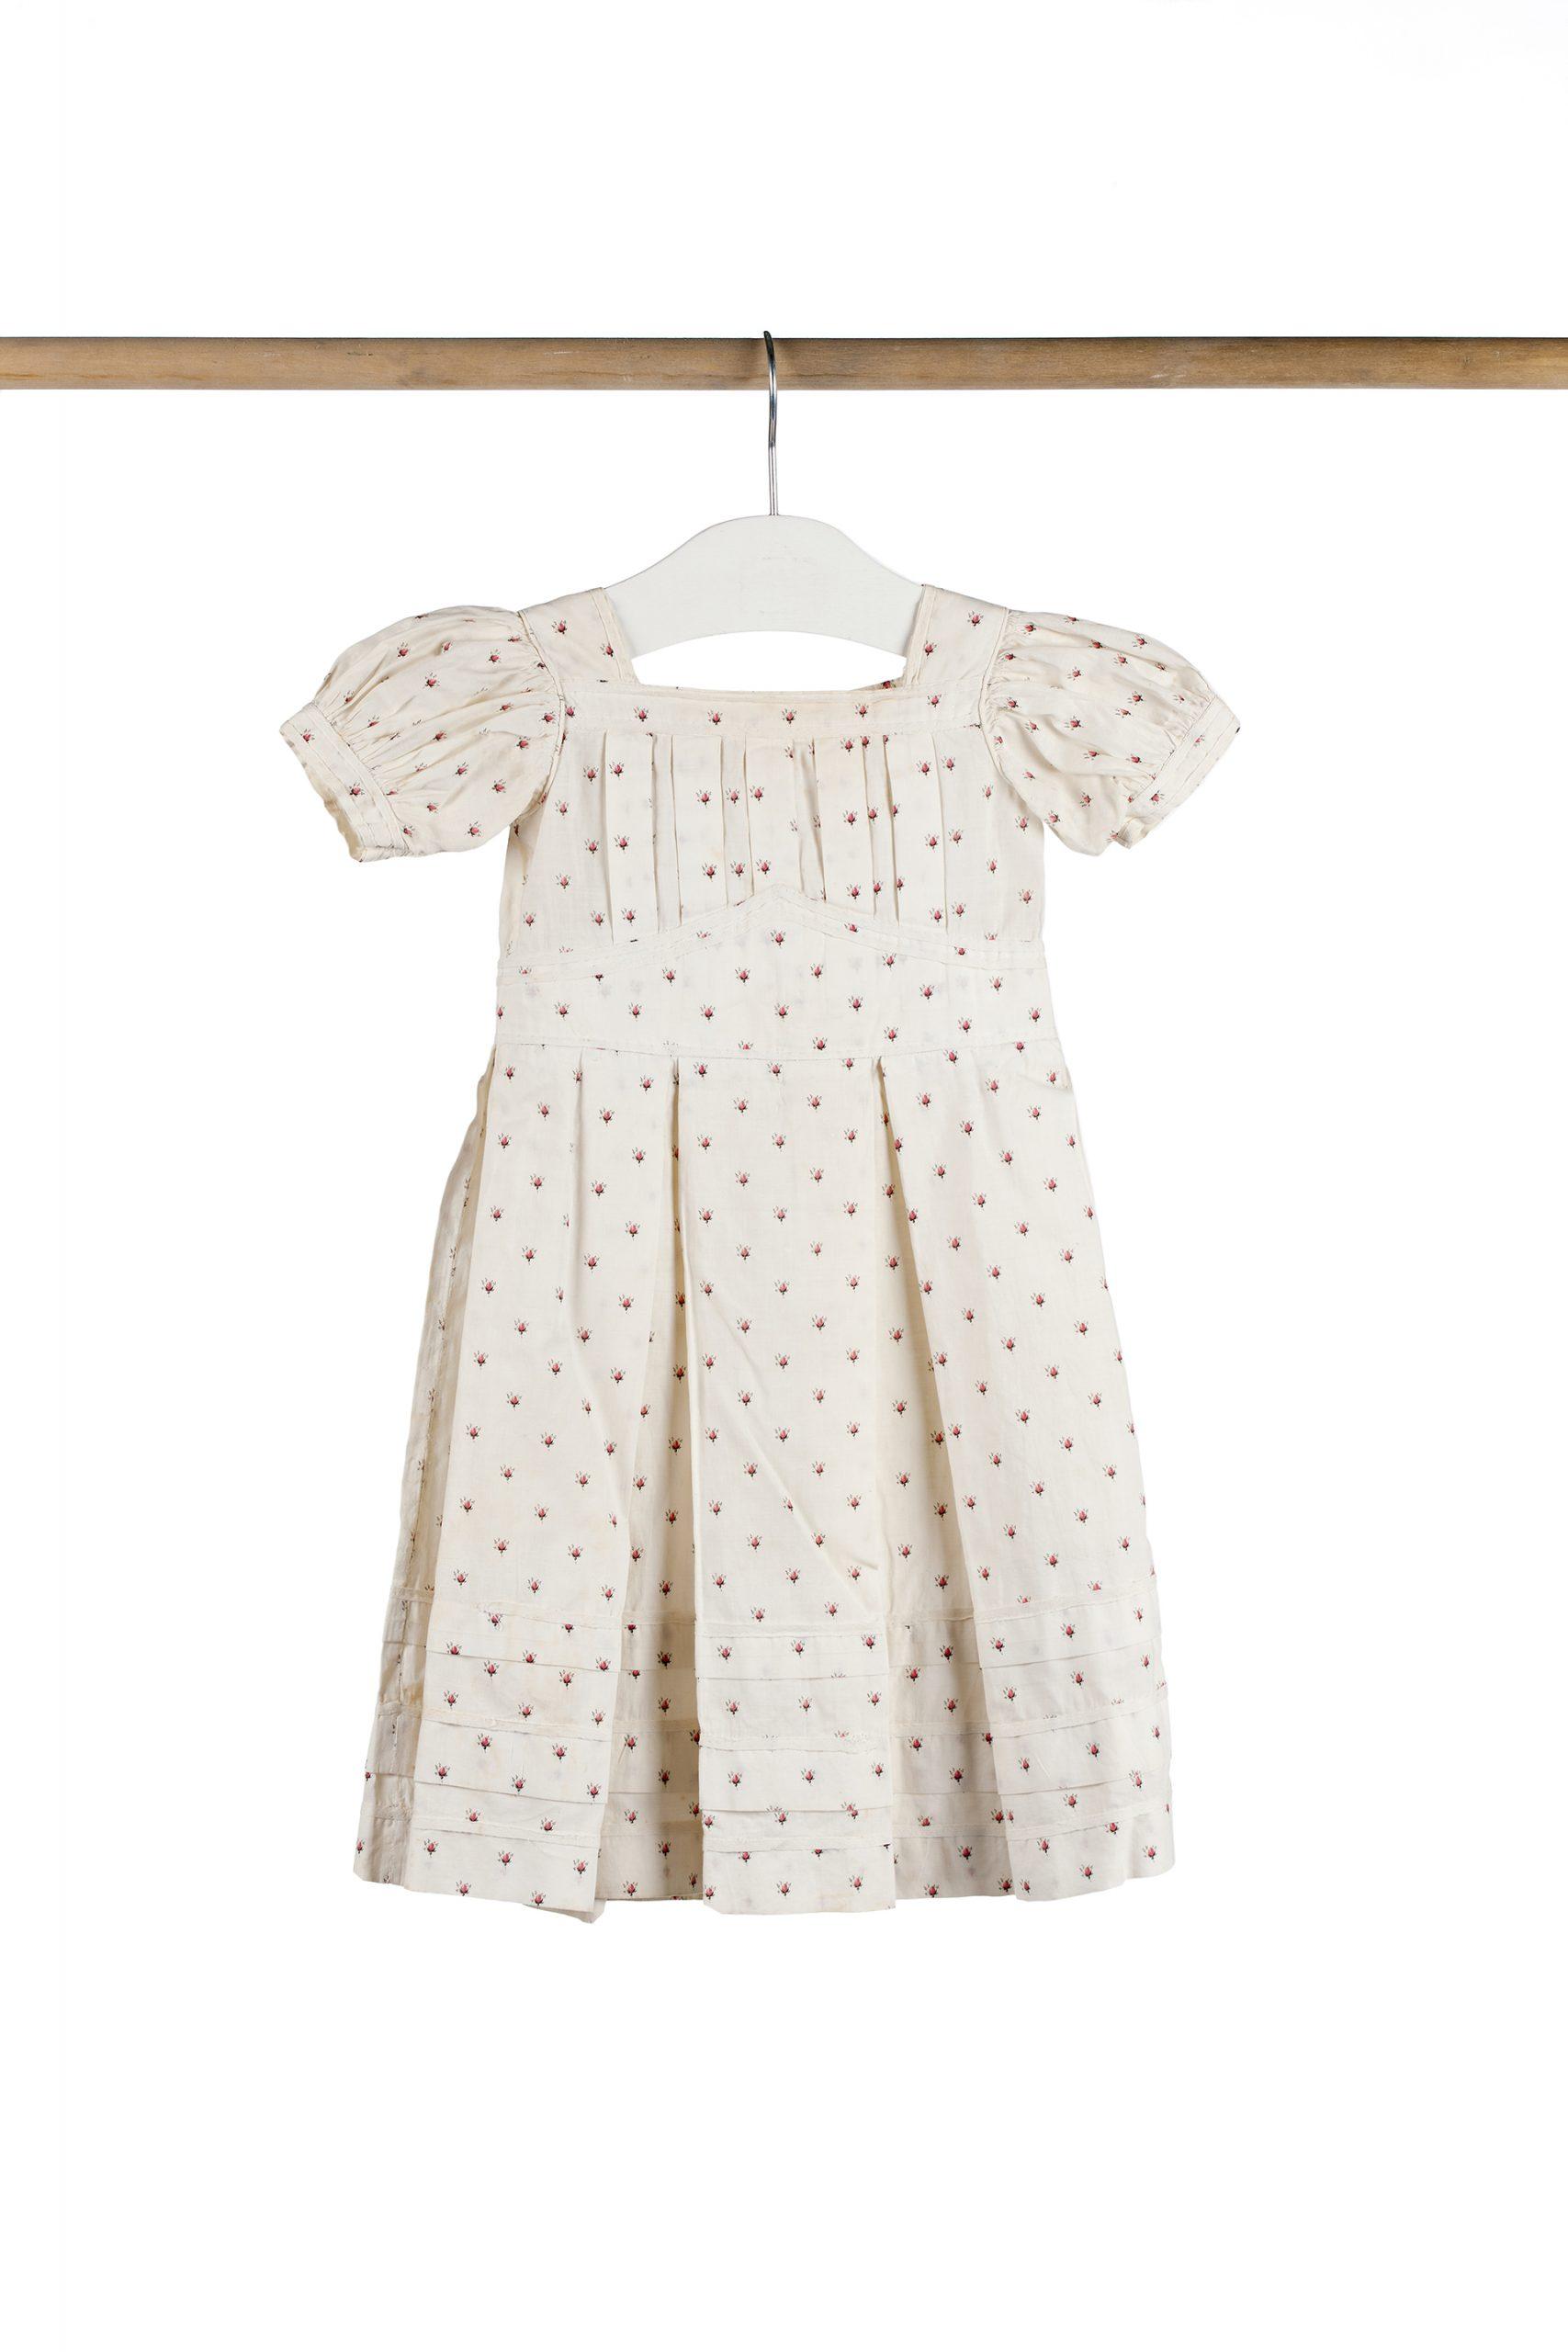 Barnklänning av vitt tyg med mönster av små ljusröda rosenknoppar.